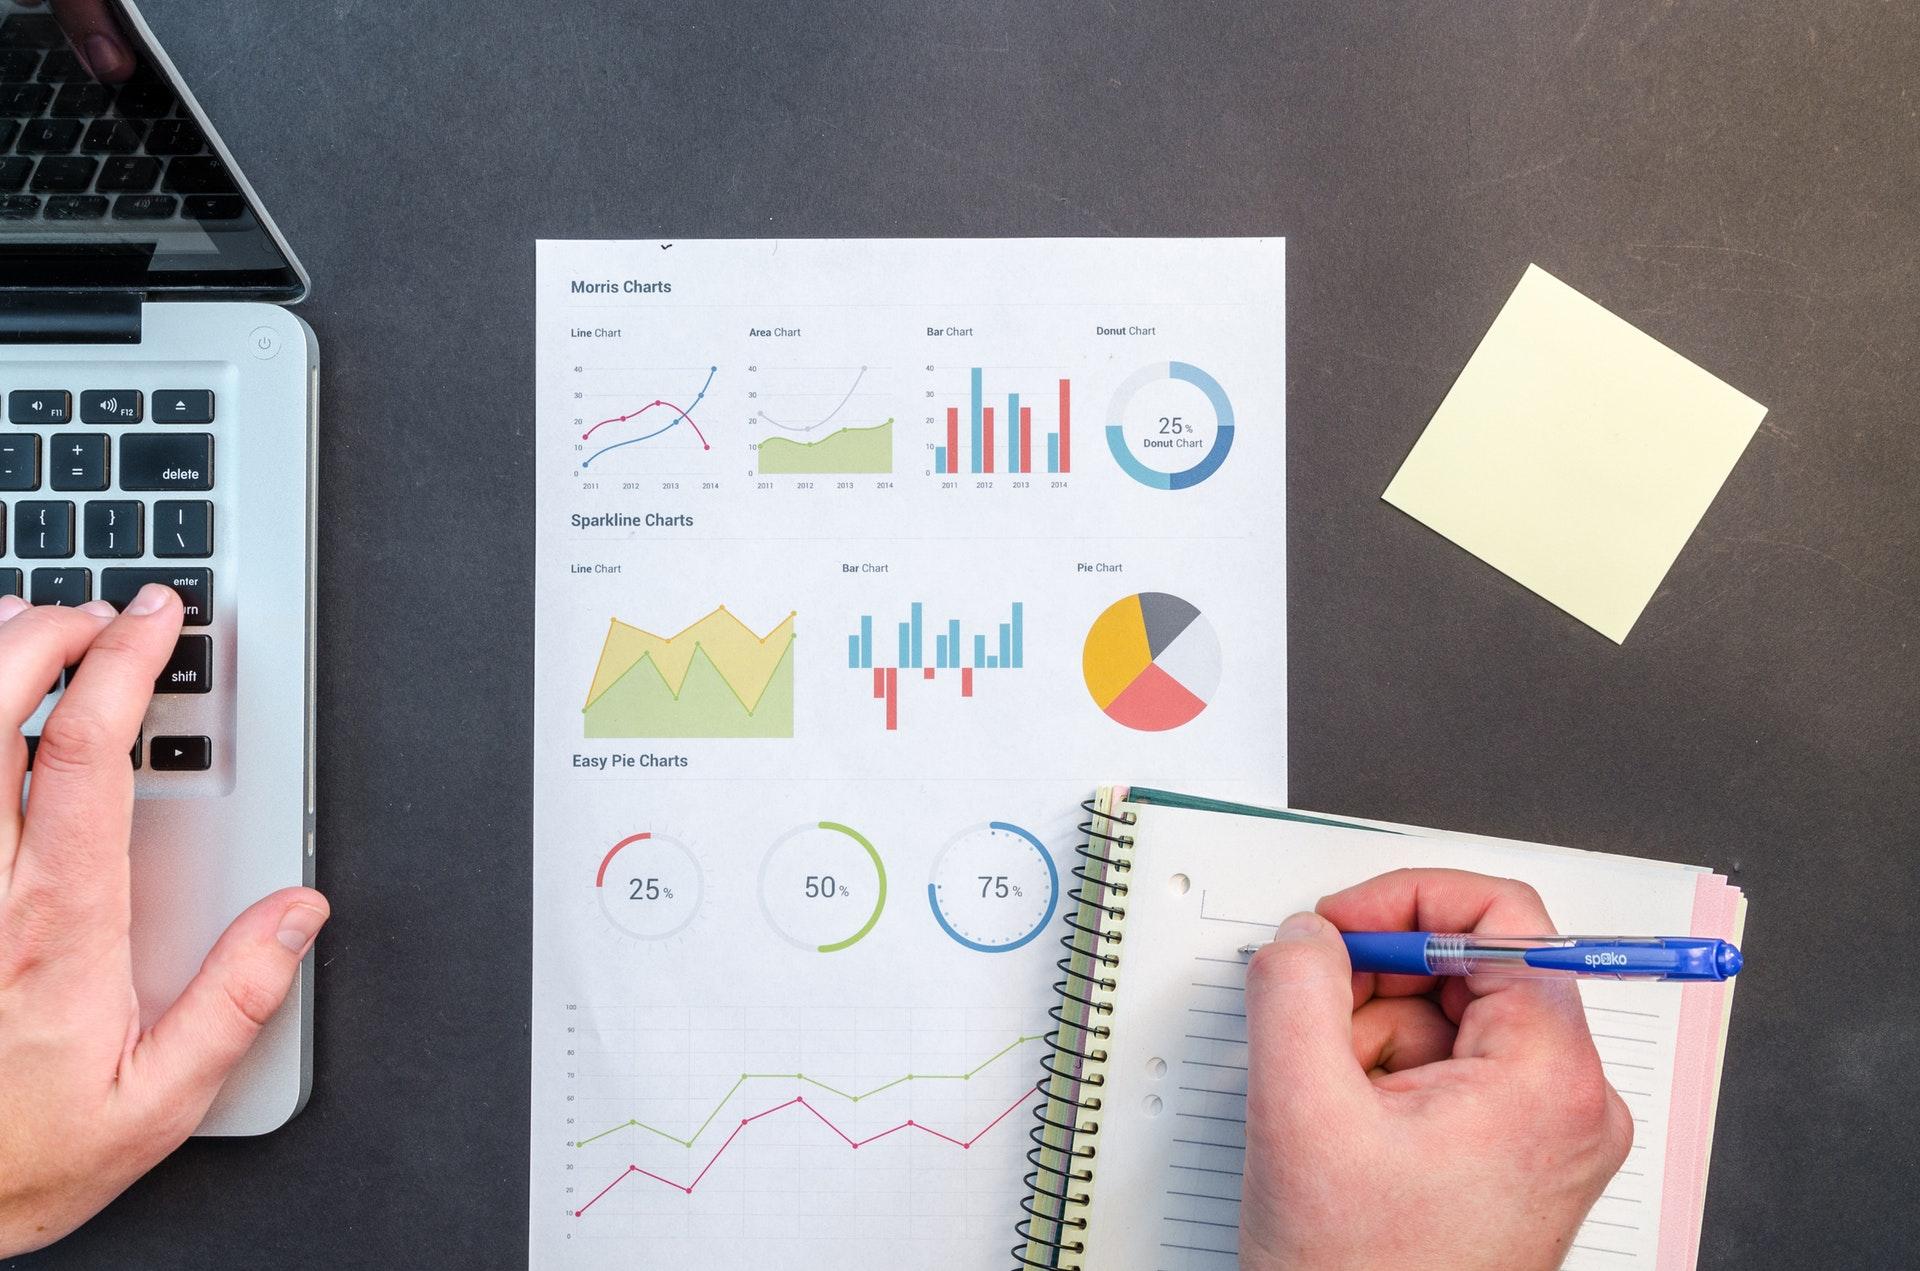 Como funciona a análise de relatórios gerenciais?